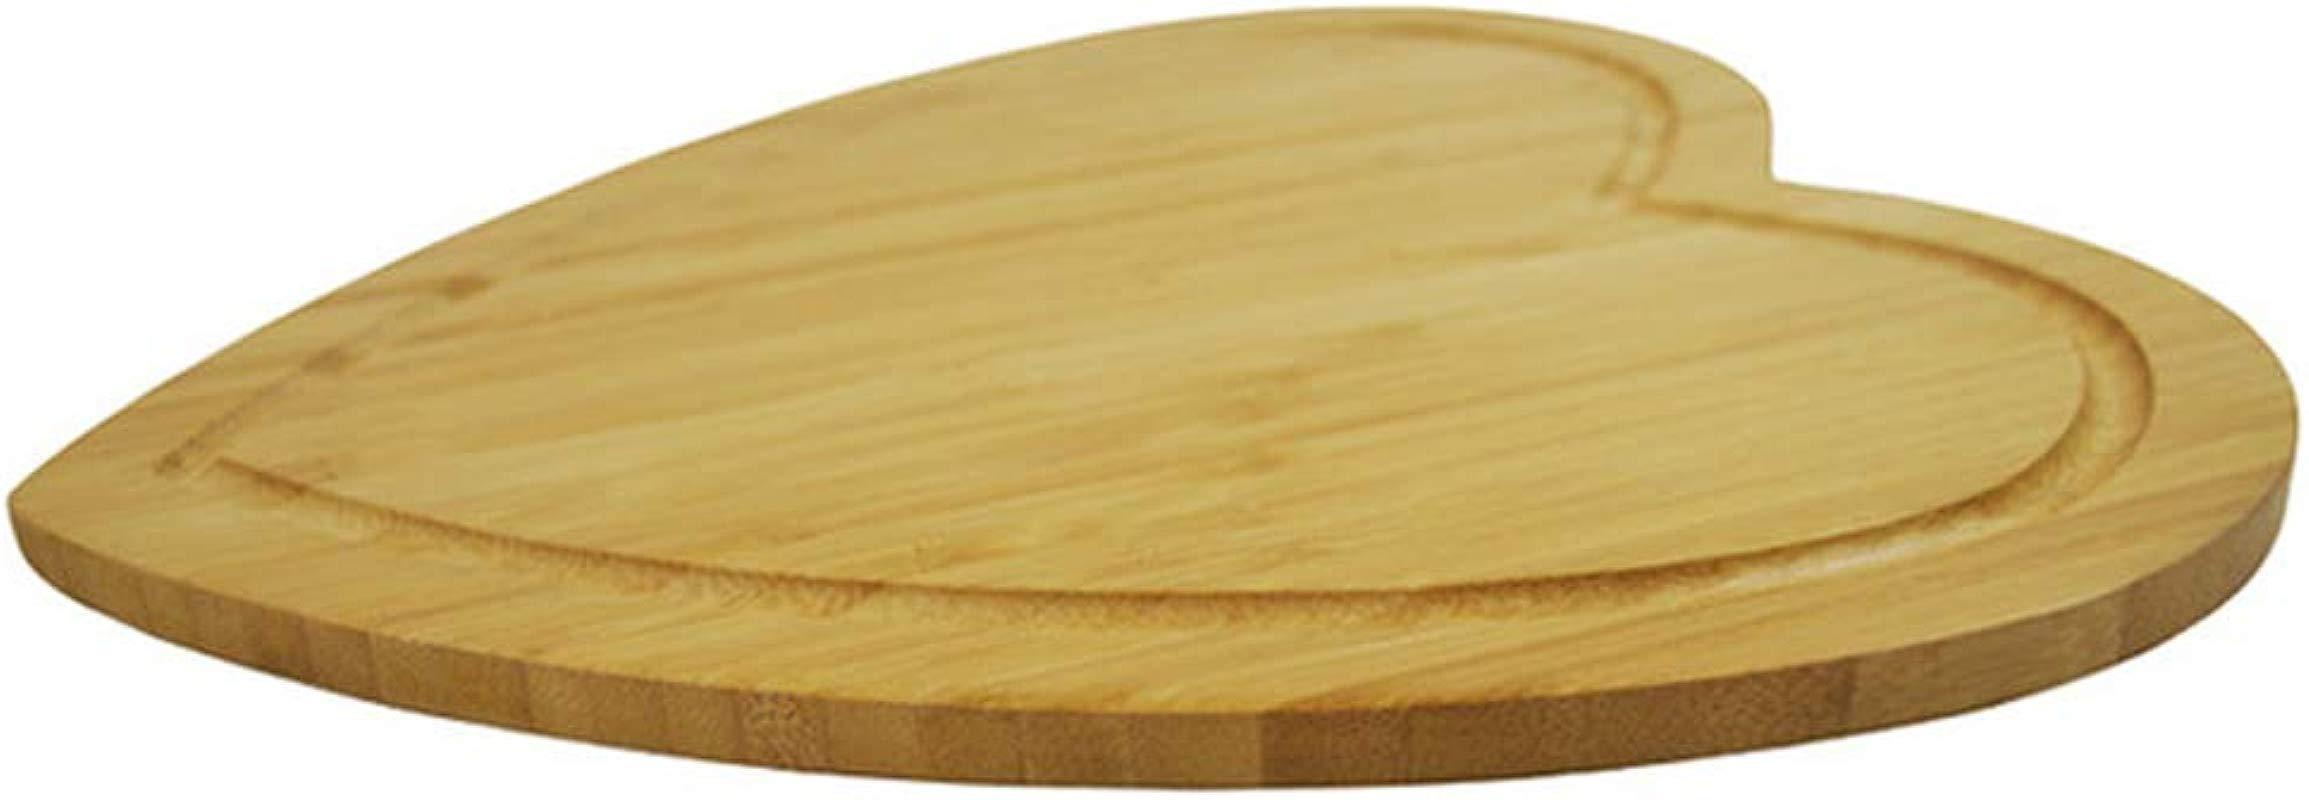 YBFAC Cutting Board Household Cutting Board Household Cutting Board Bamboo Cutting Board Cutting Board Thickening Board